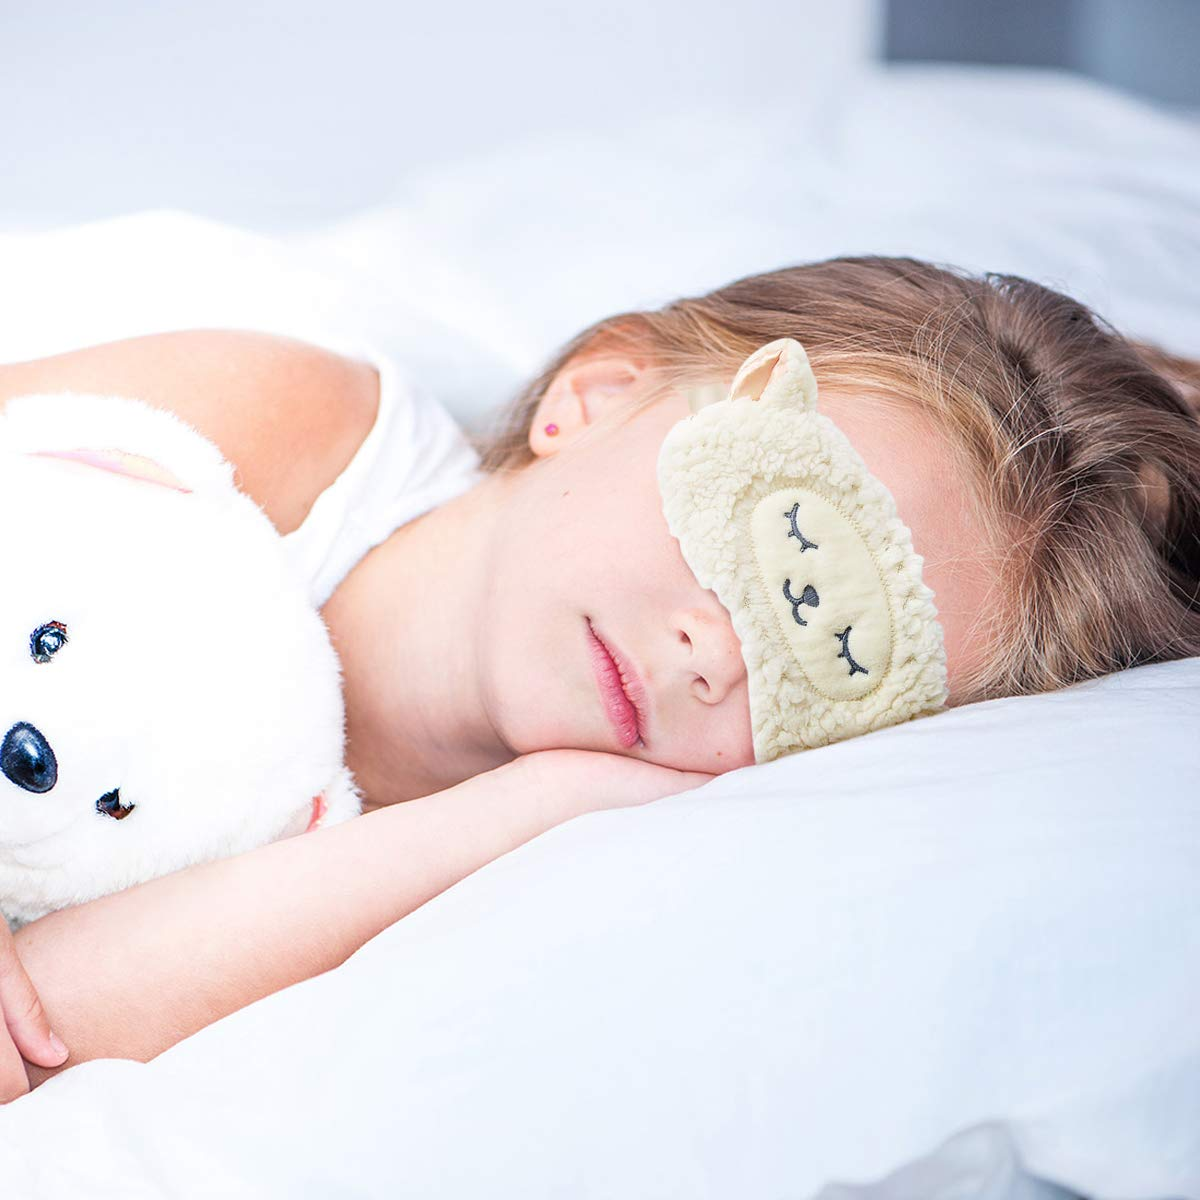 2Pcs Masque de Sommeil HOMEWINS Masque de Nuit Yeux Confortable en 100/% Soie Naturelle /& Peluche Ultra-Douce Ajustable Dormir pour Voyage Dessin Anim/é Mignon Femme Enfant Chat Noir + Chien blanc